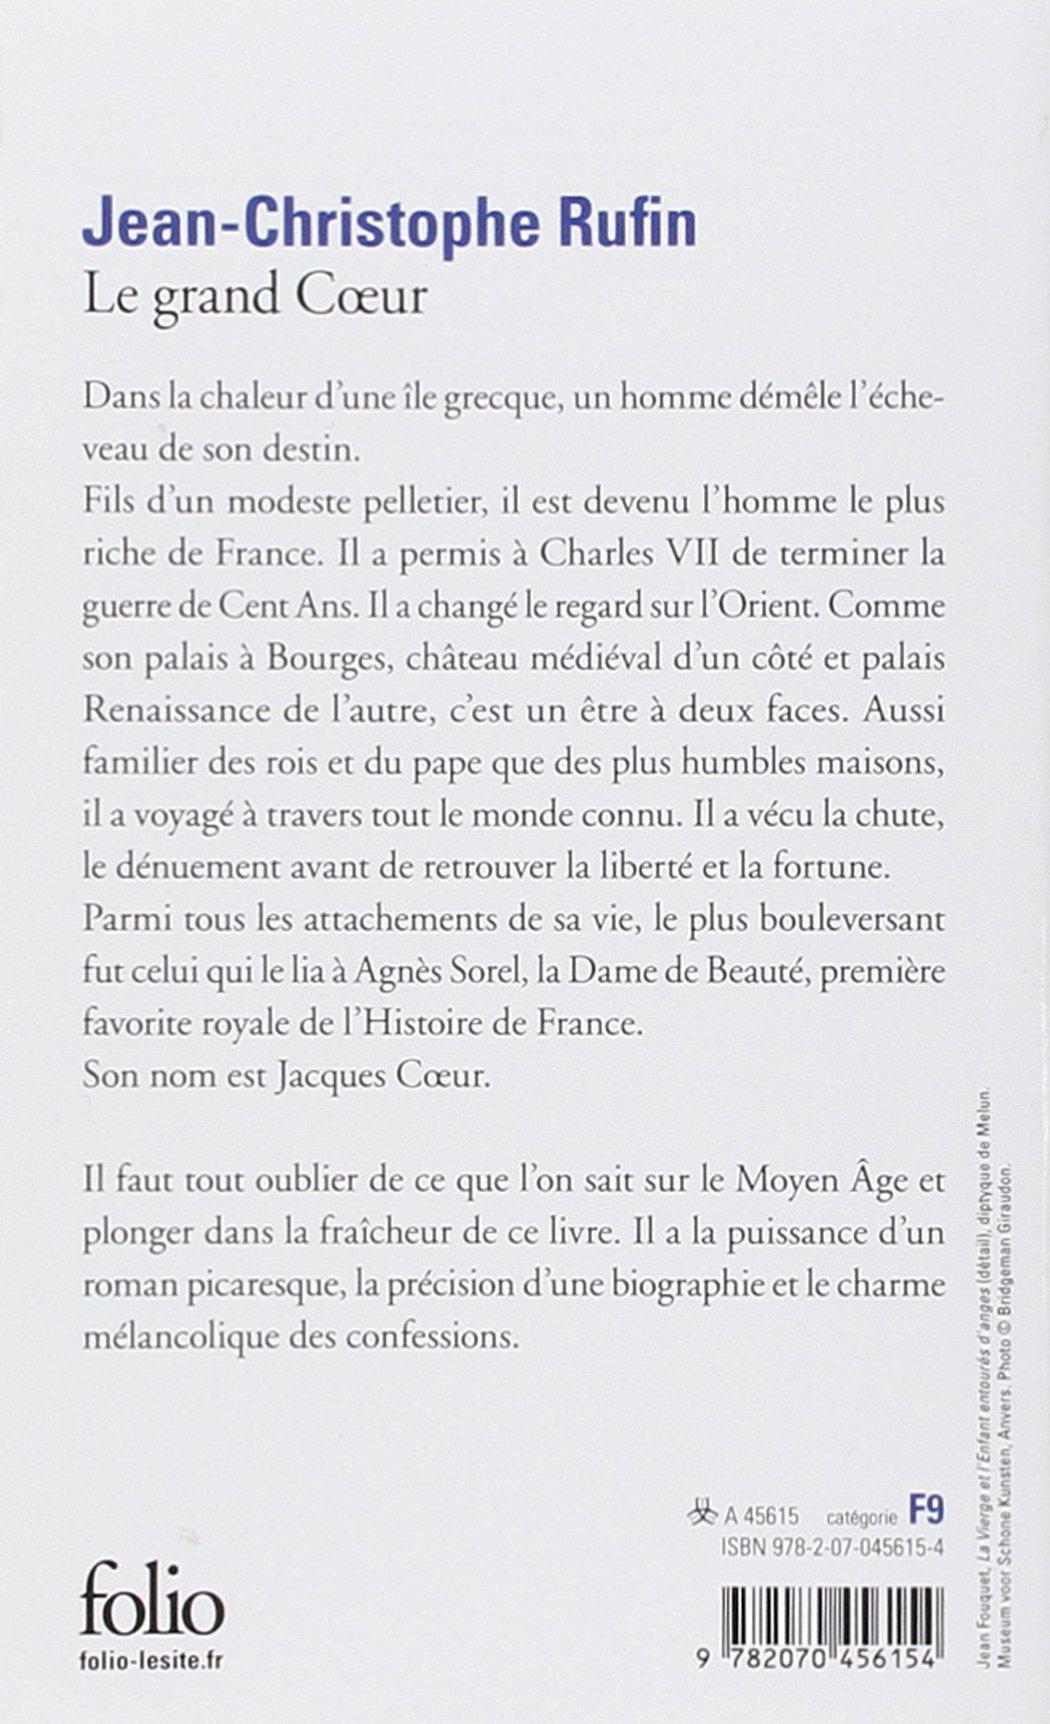 2012 Broché Le grand Coeur de Rufin.Jean-Christophe